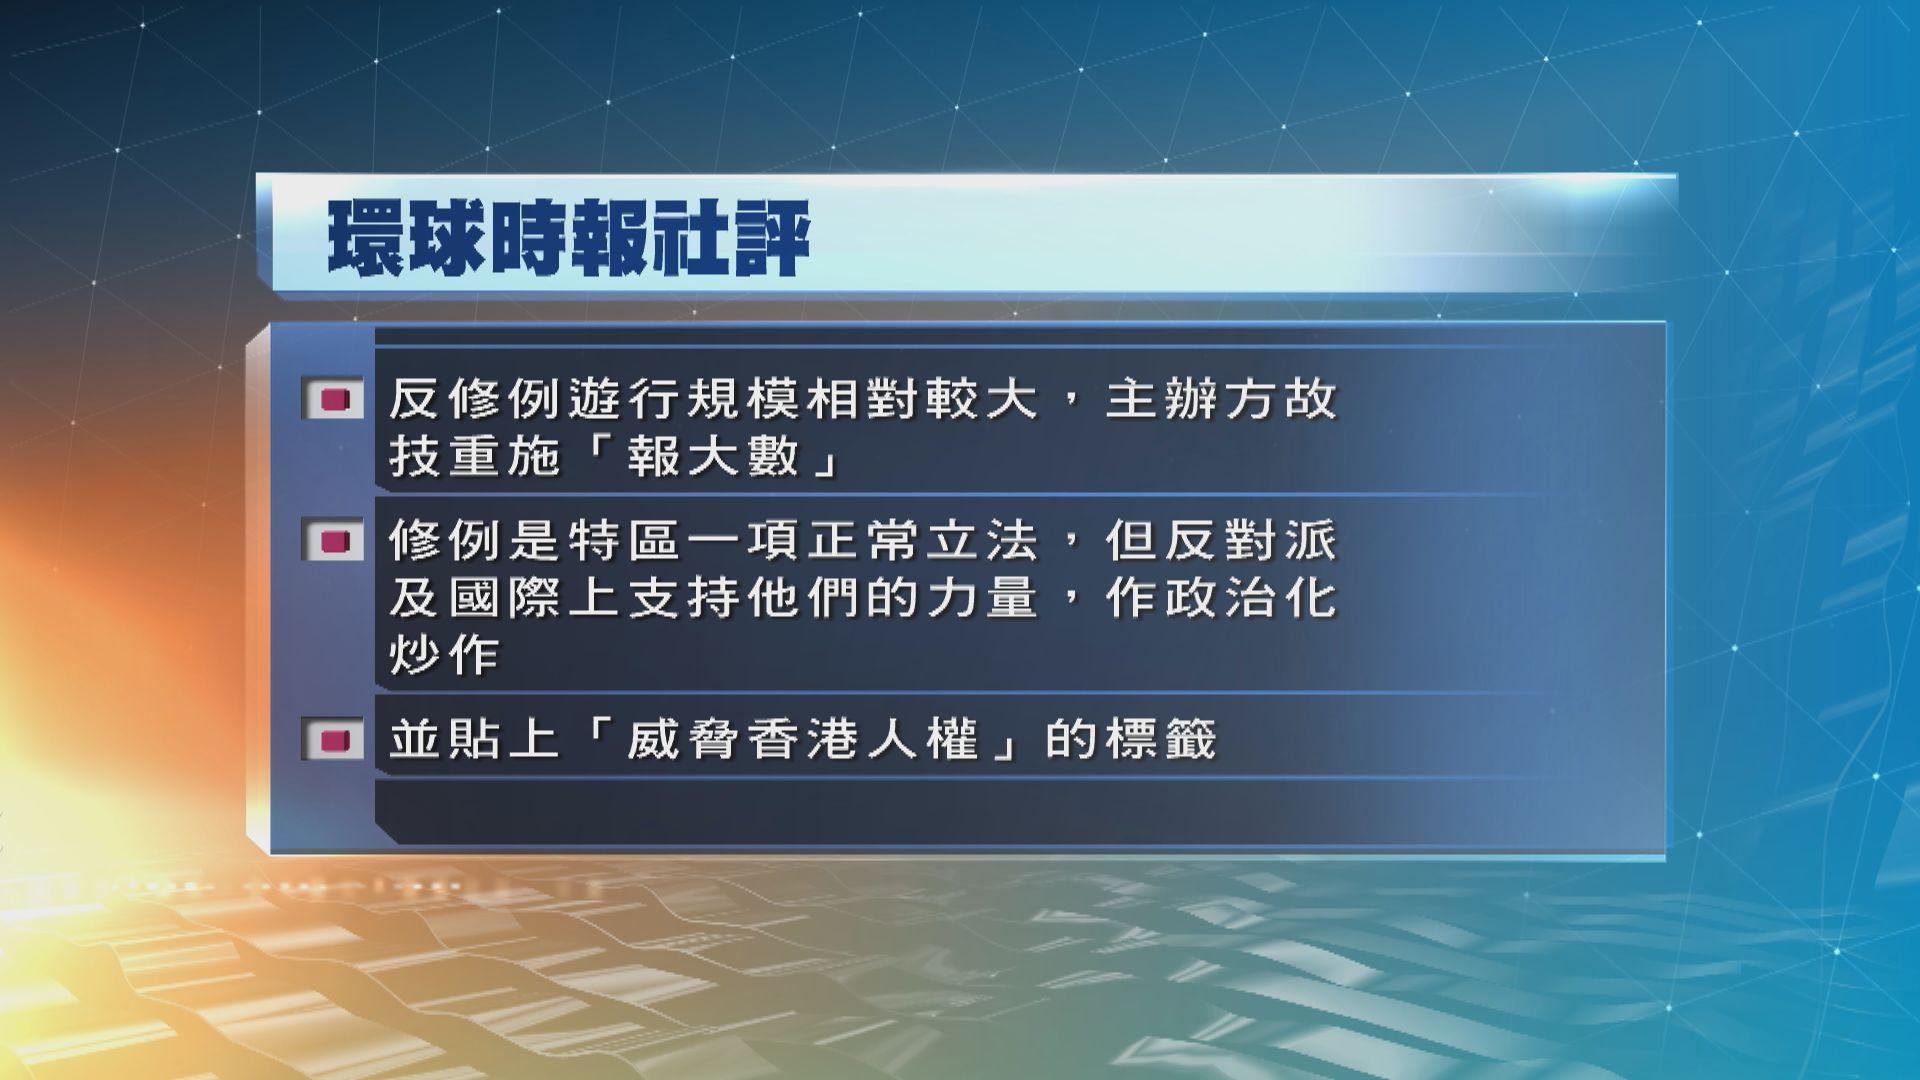 【反修例遊行】環時社評:主辦單位疑「報大數」